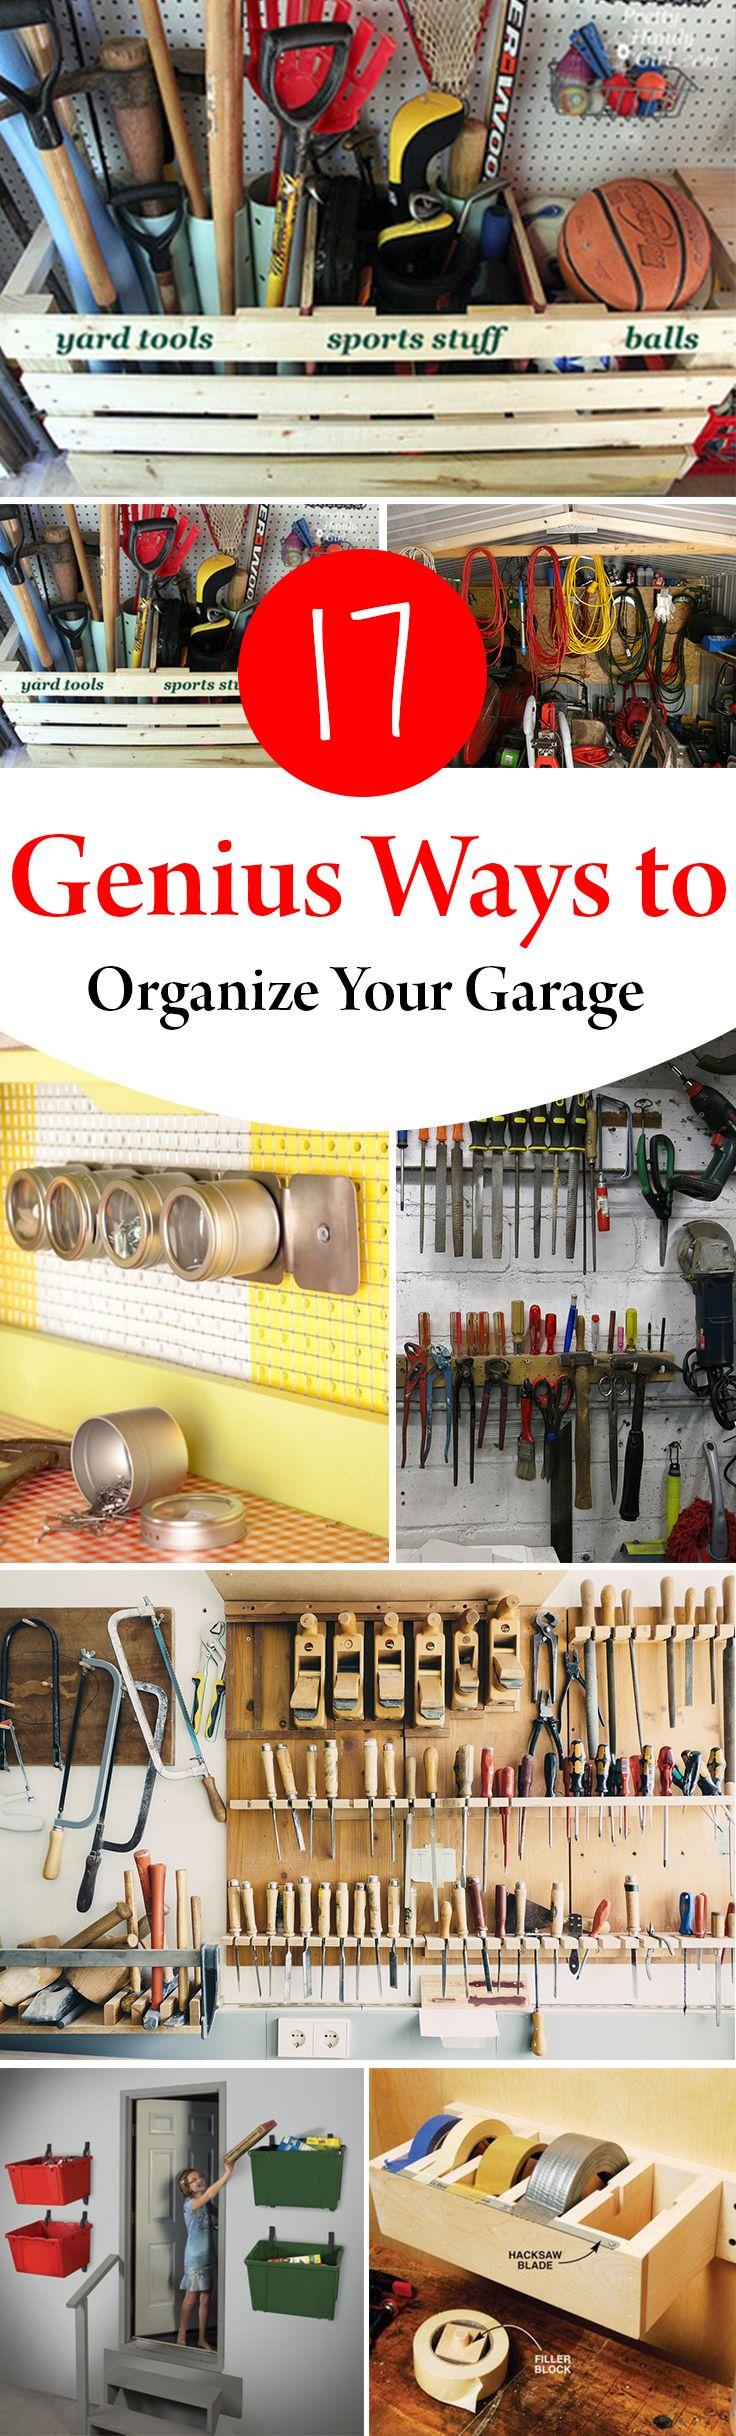 17 Genius Ways To Organize Your Garage